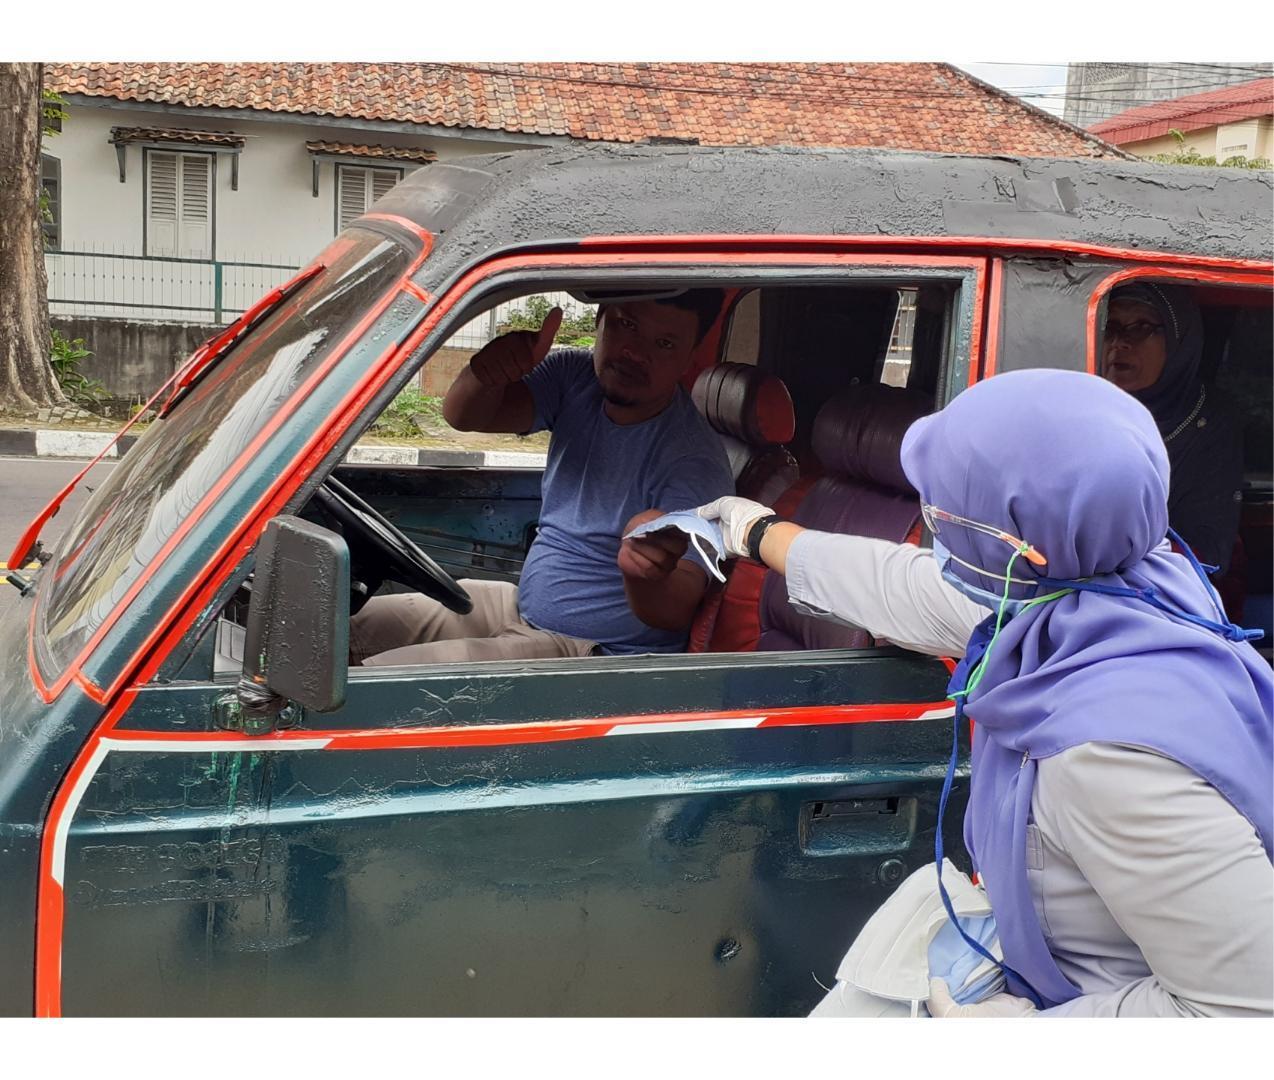 PT. Timah Bagikan Ribuan Lembar Masker Kain ke Masyarakat di Wilayah Operasional Secara Serentak